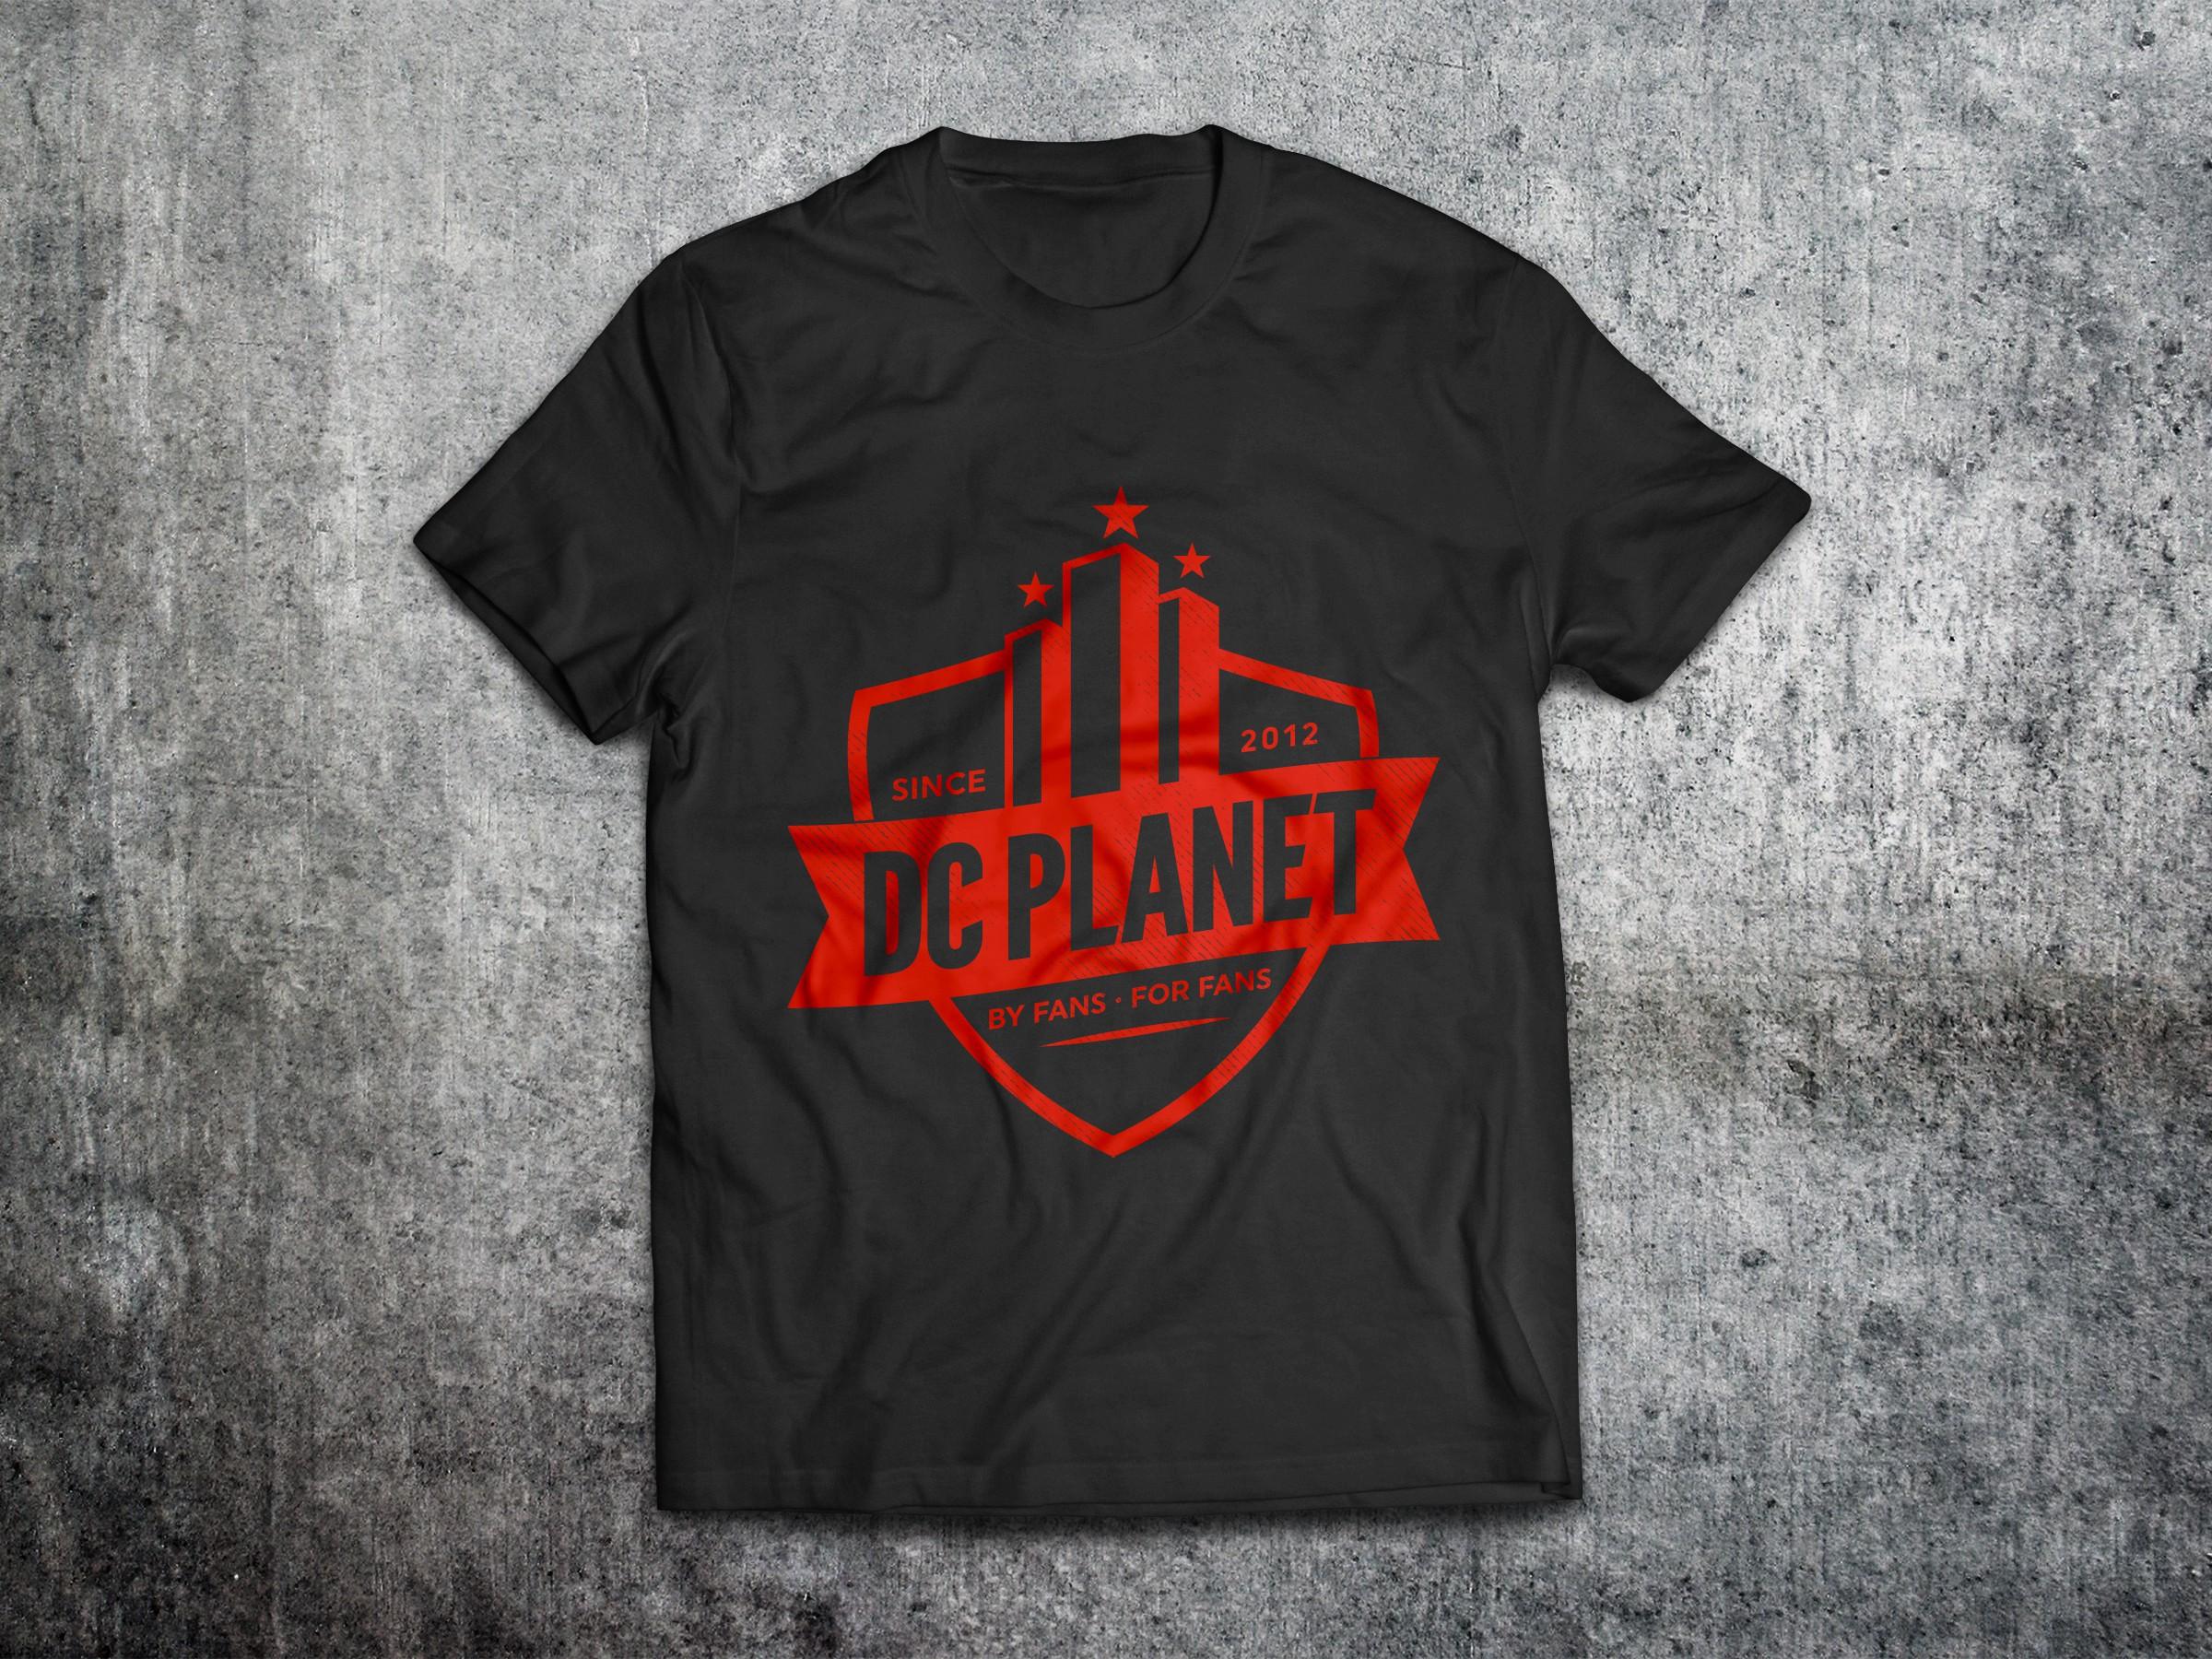 Logo design for DC Planet